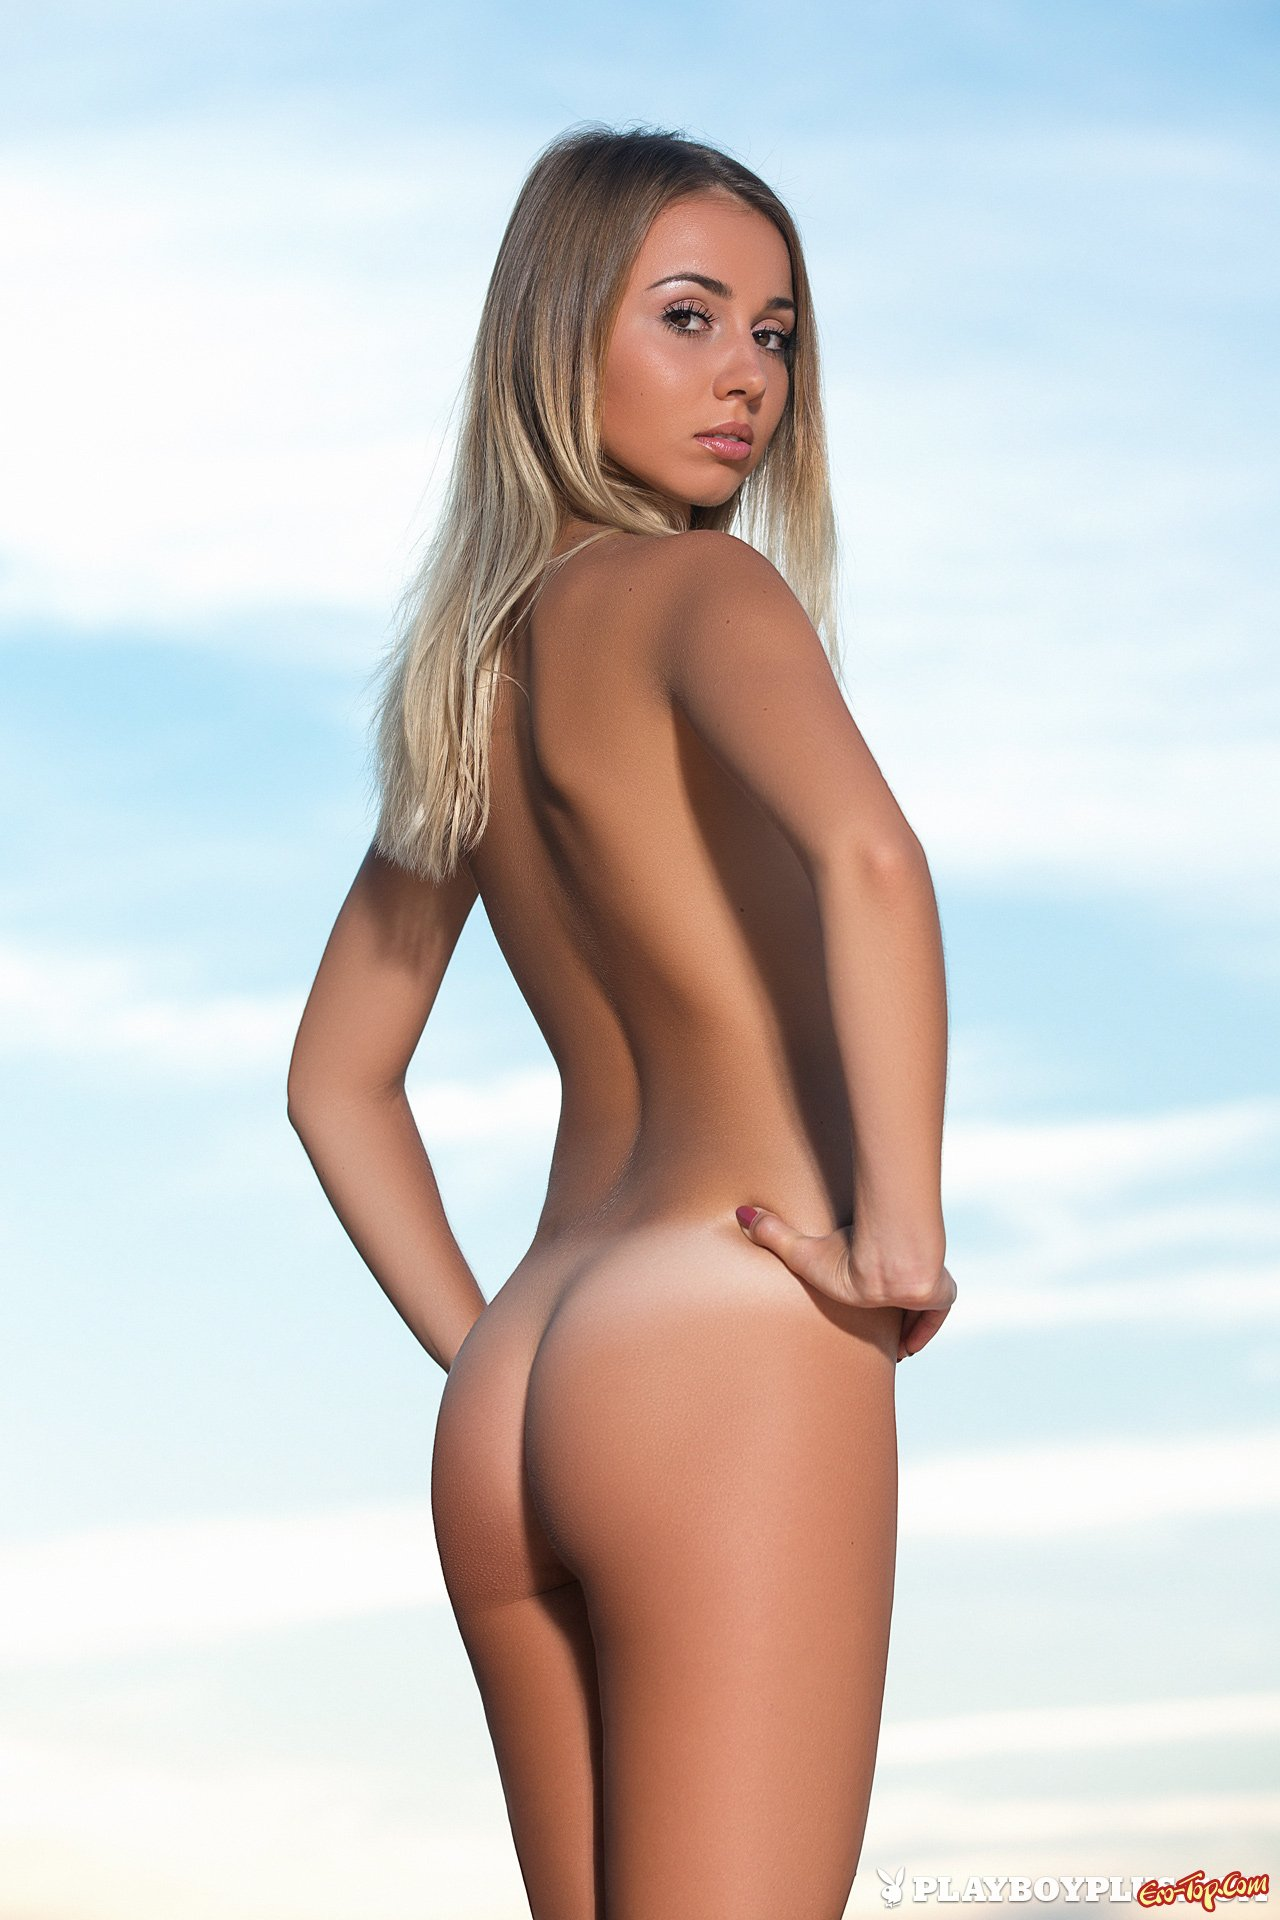 Ухоженная 19-летняя блондинка